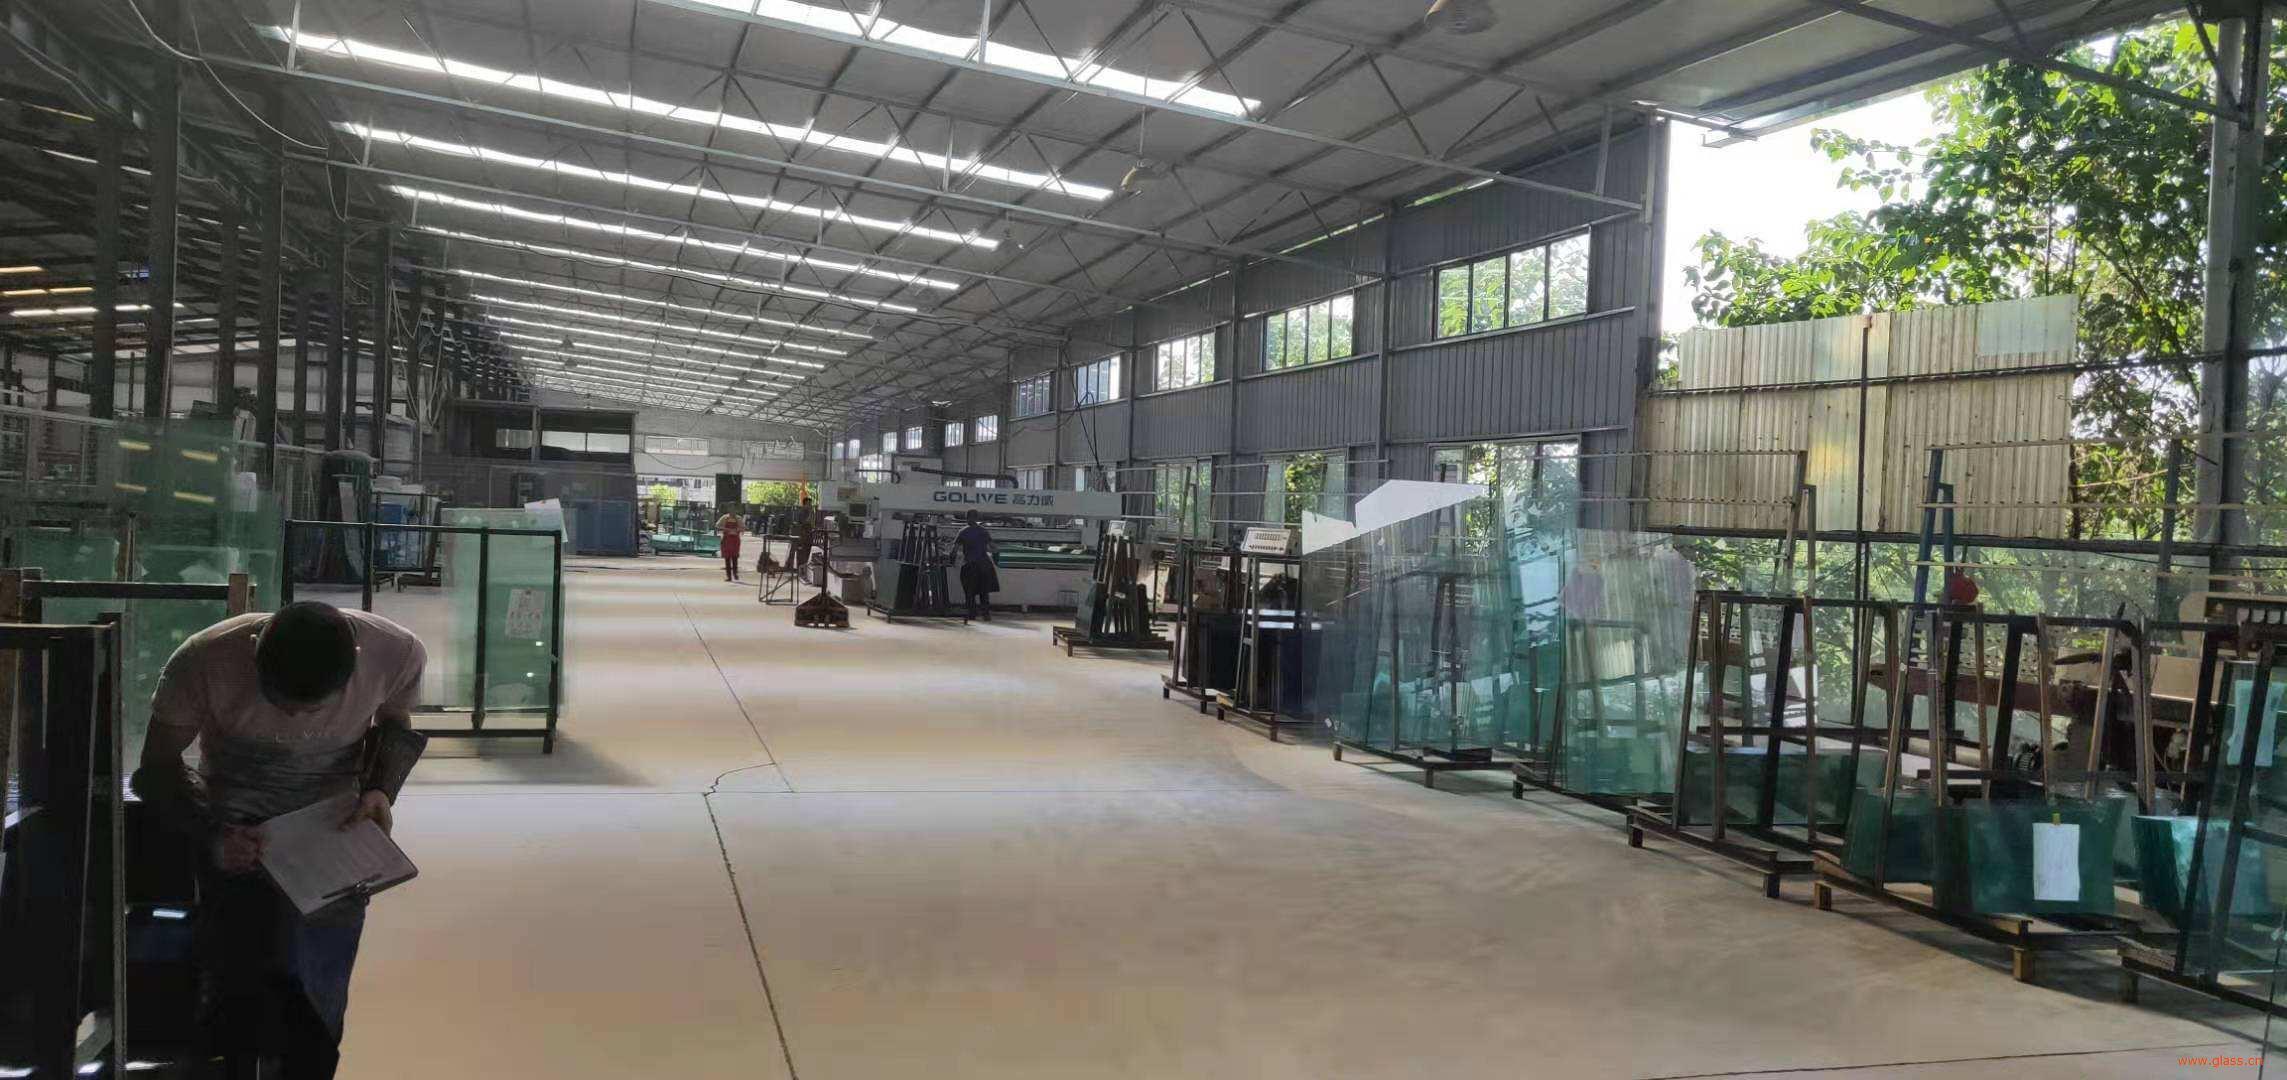 信义二线900吨复产,华南地区玻璃现货行情或受影响